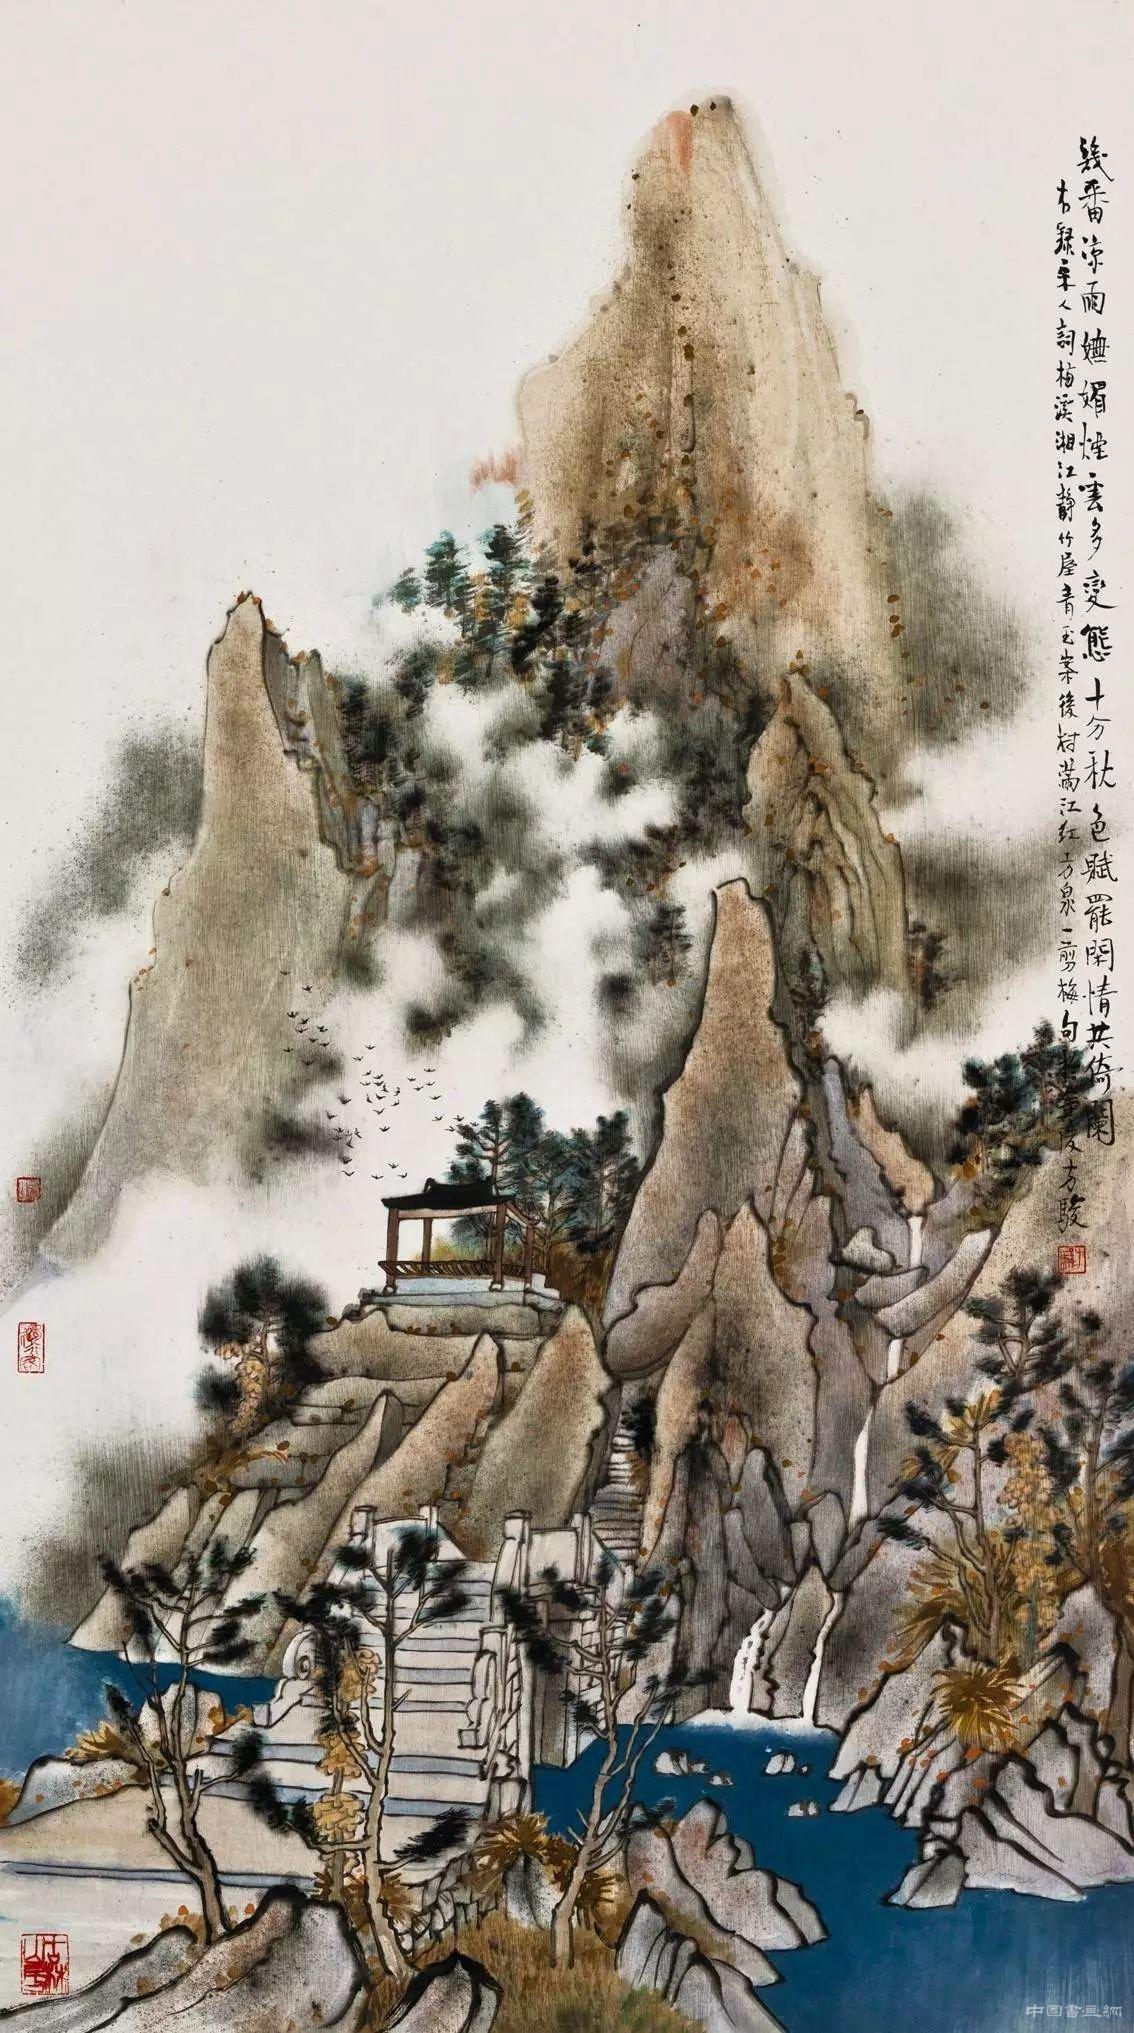 方骏:传统与现代 画境与文心的相互观照